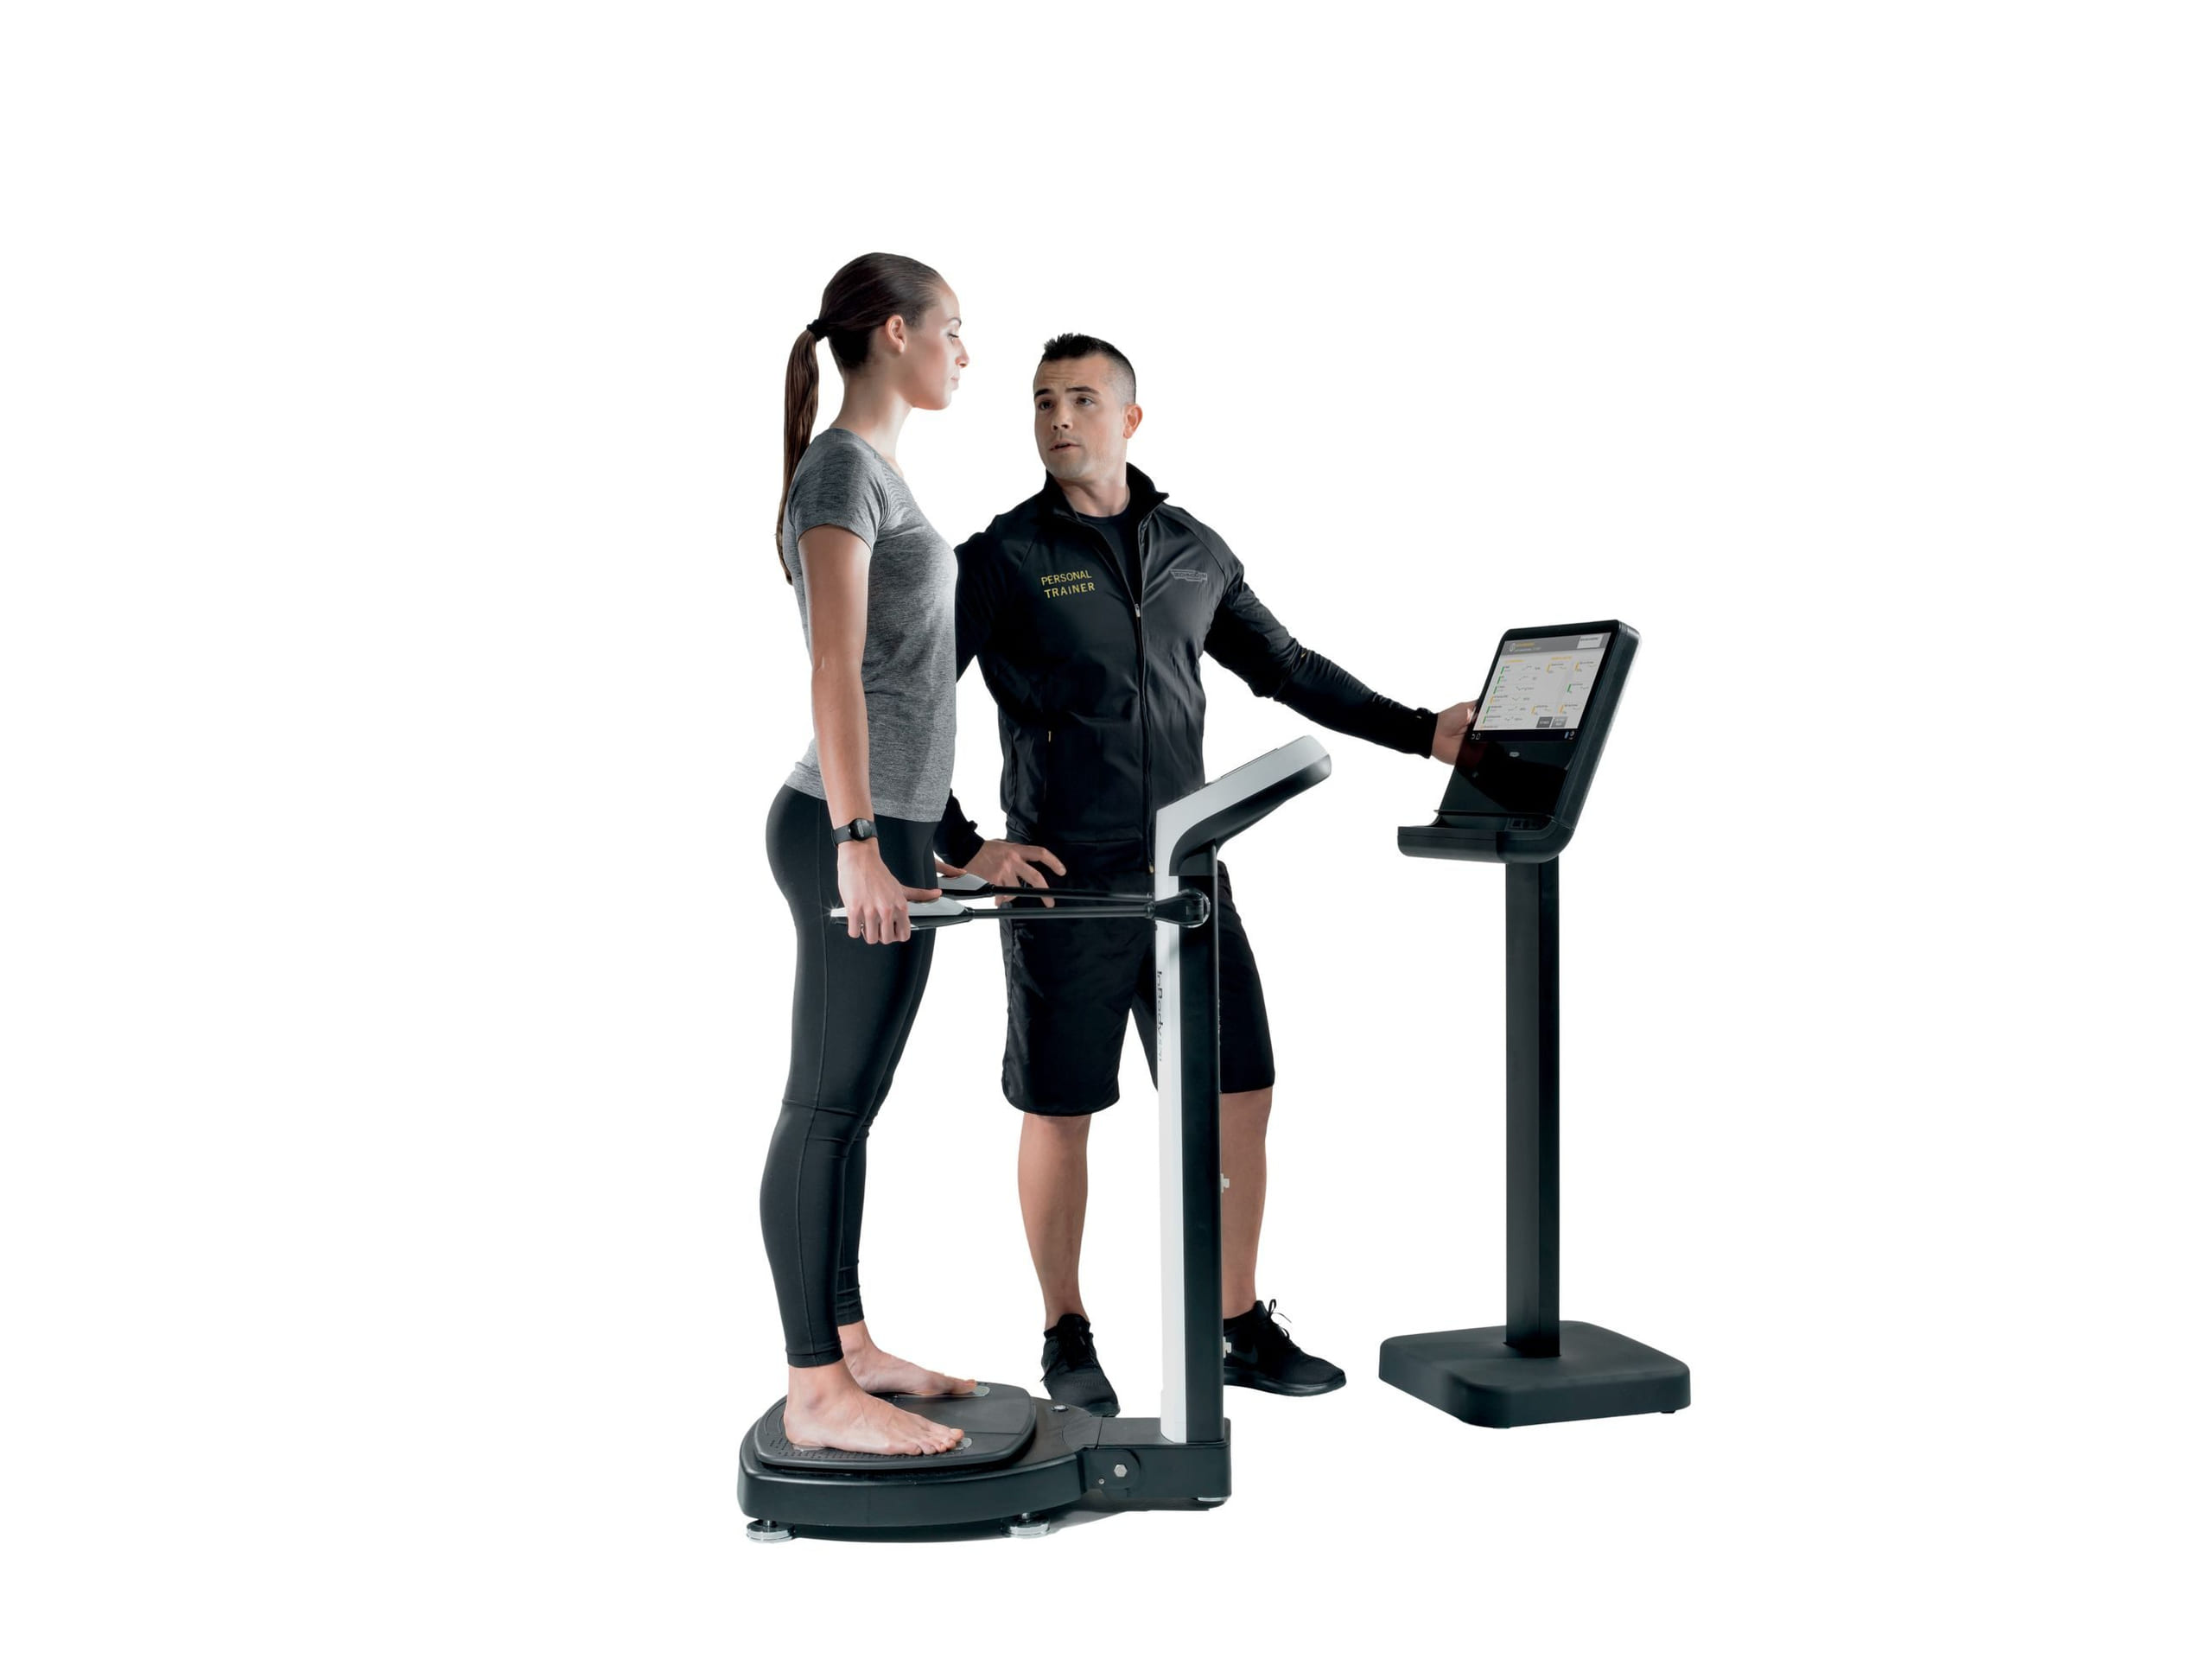 Wellness Assessment – profesjonelt verktøy for kroppsanalyse